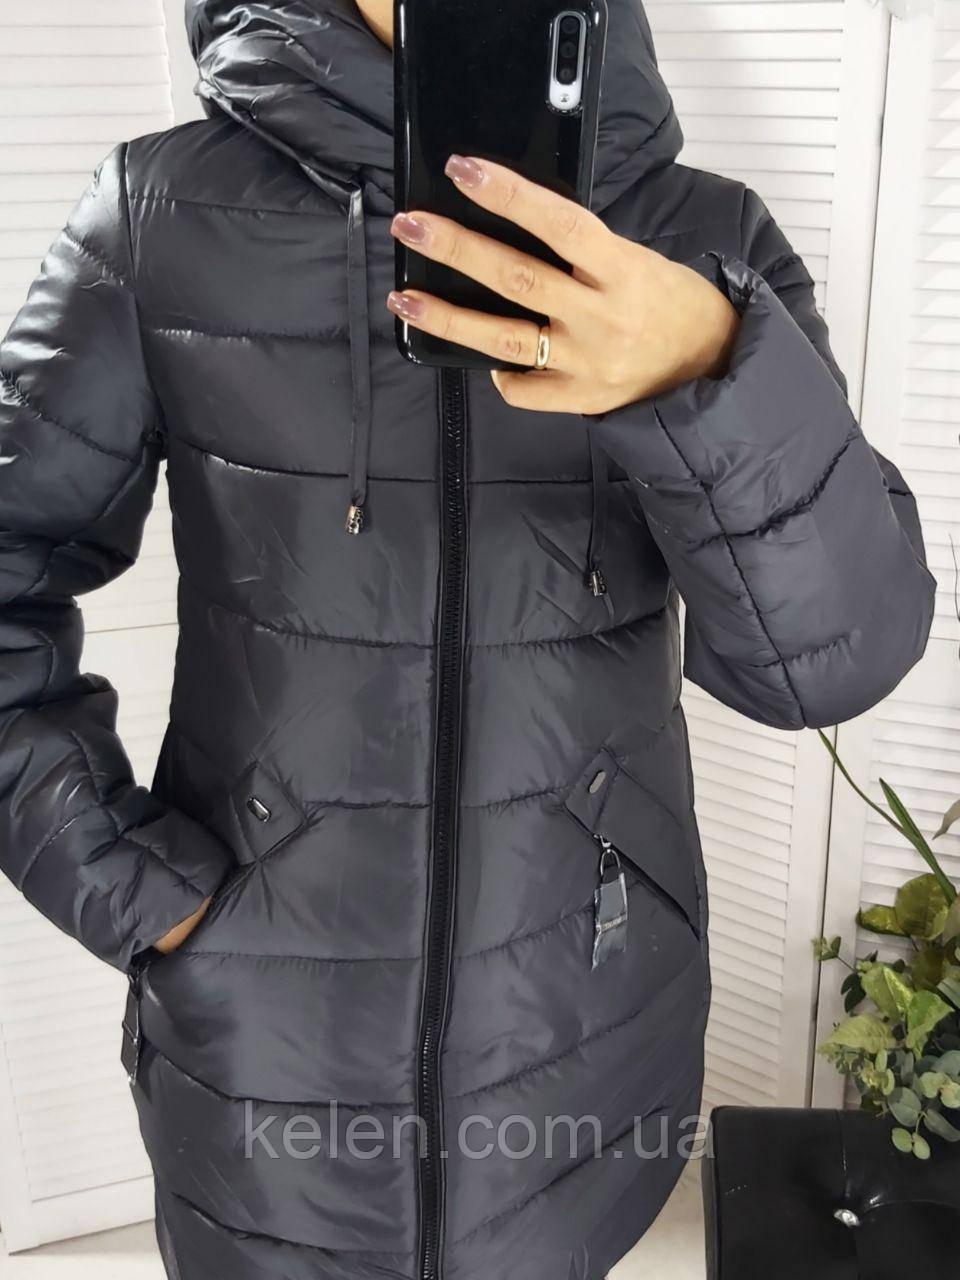 Зимняя куртка с капюшоном  цвета графит